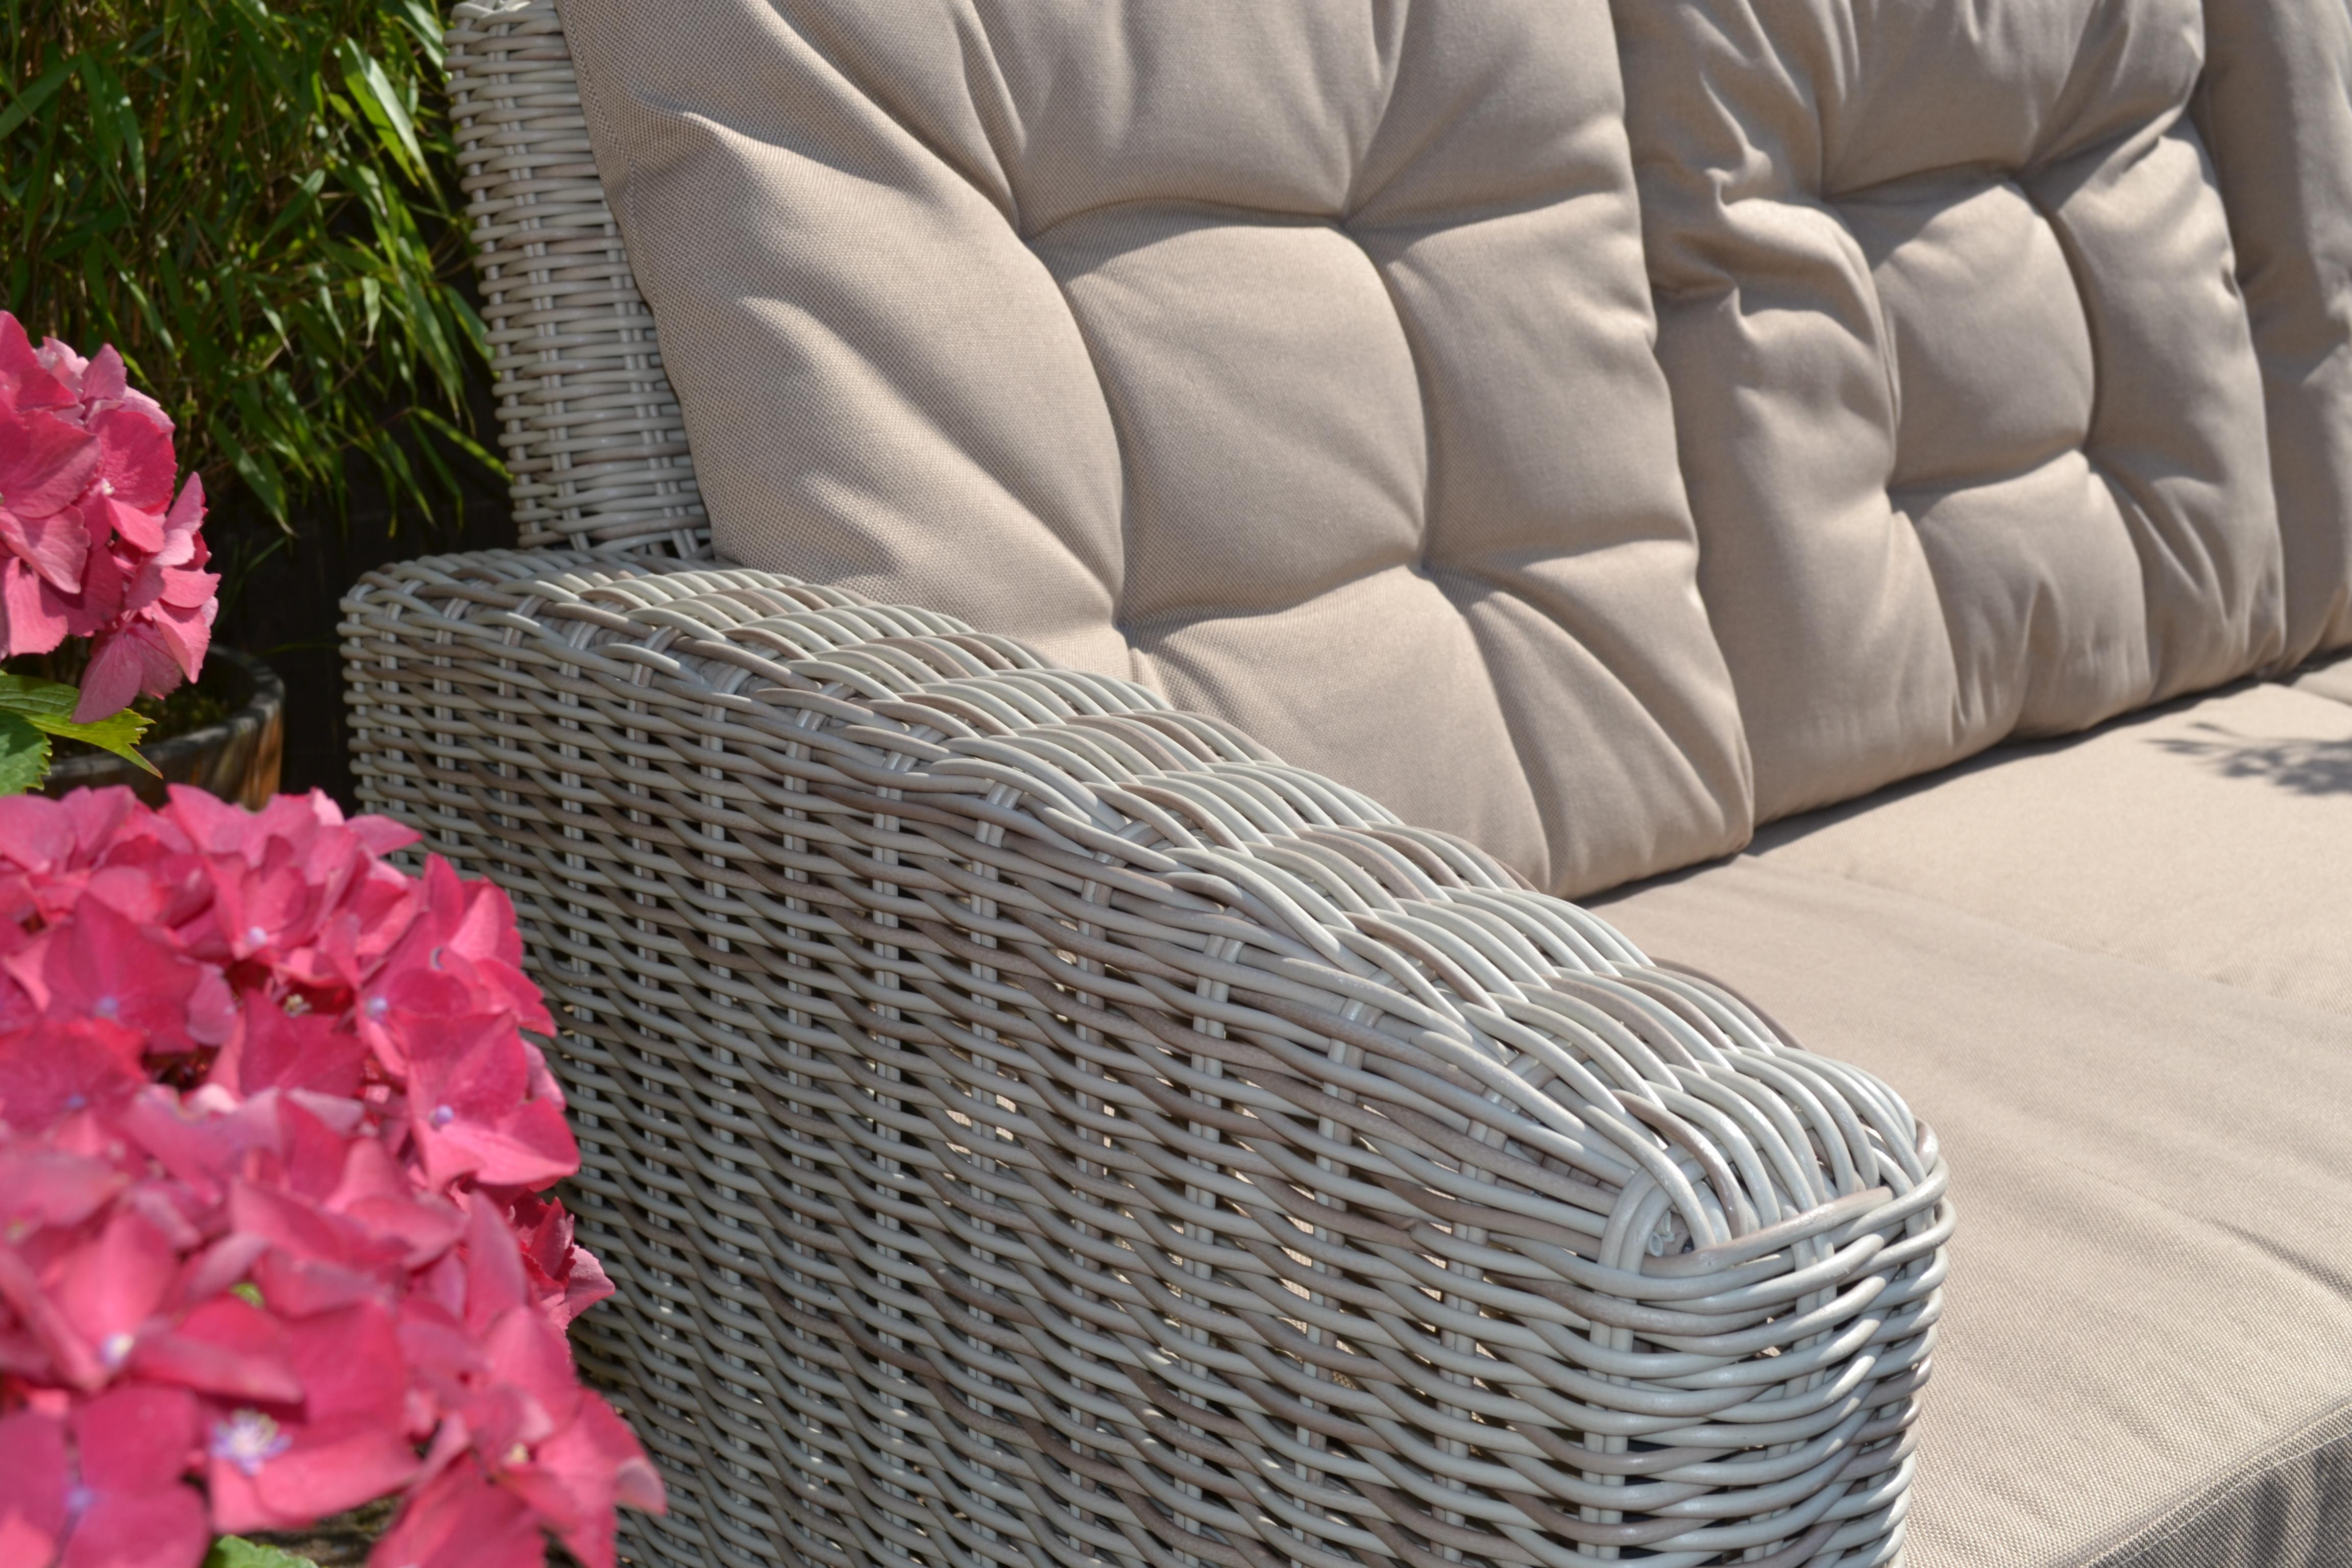 Ecklounge Manhatten links sand-grau Tisch+Sofa | Bomey ...